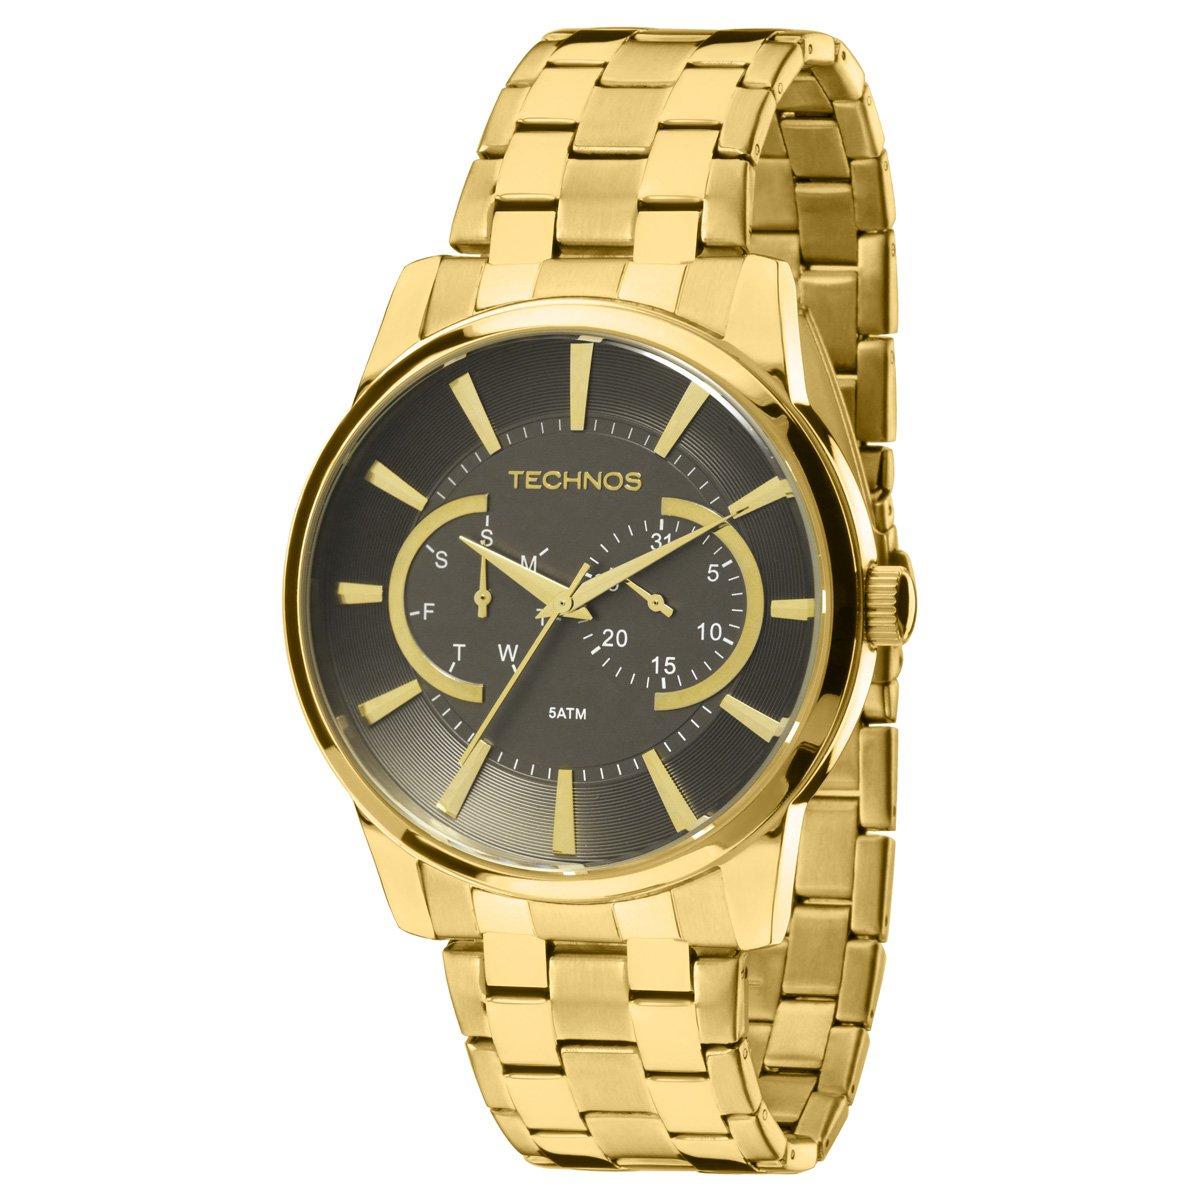 68f4bdbfb66 Relógio Technos Pulseira de Aço - Dourado - Compre Agora